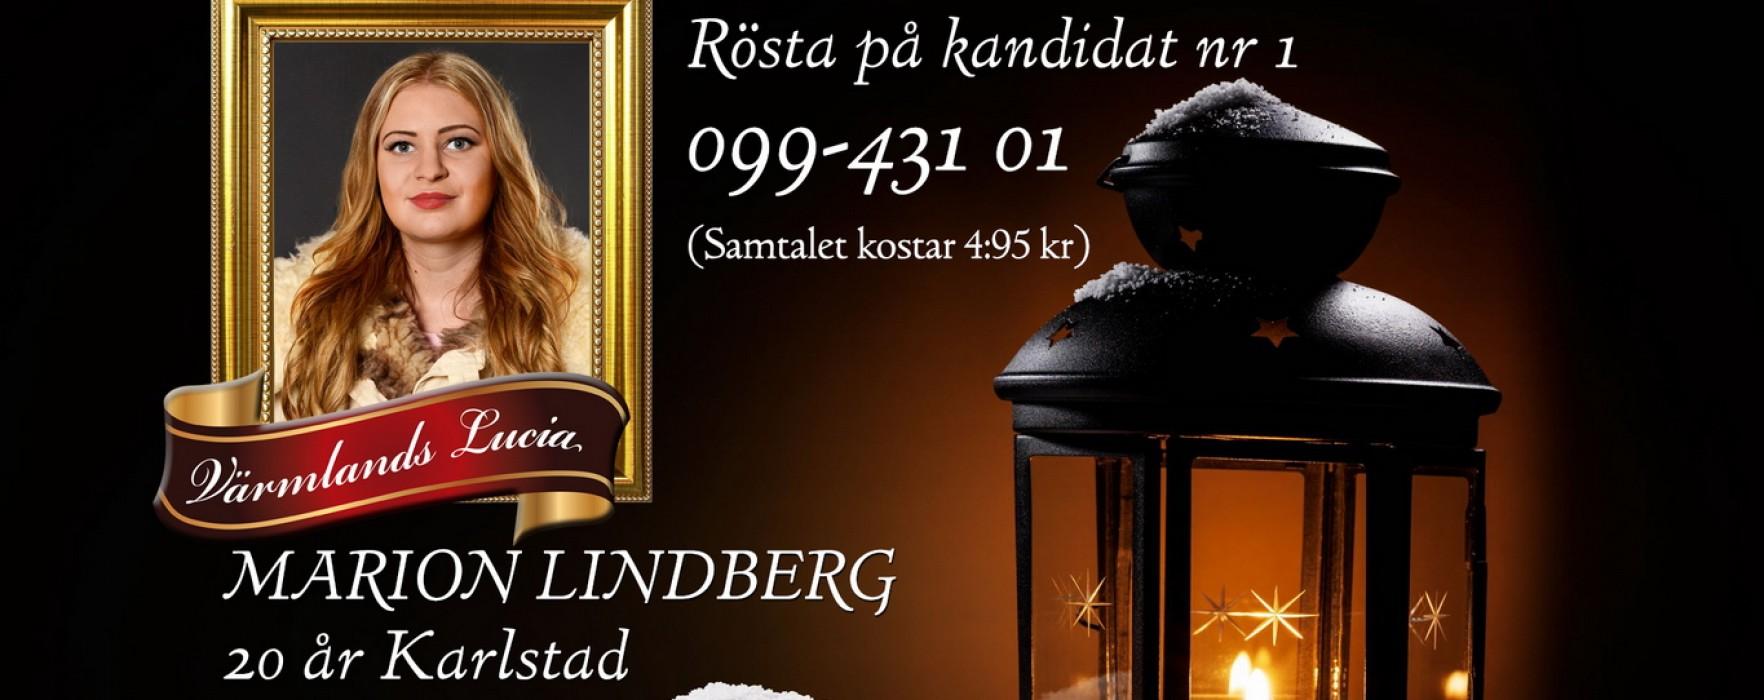 Värmlands Lucia 2014 – kandidaterna